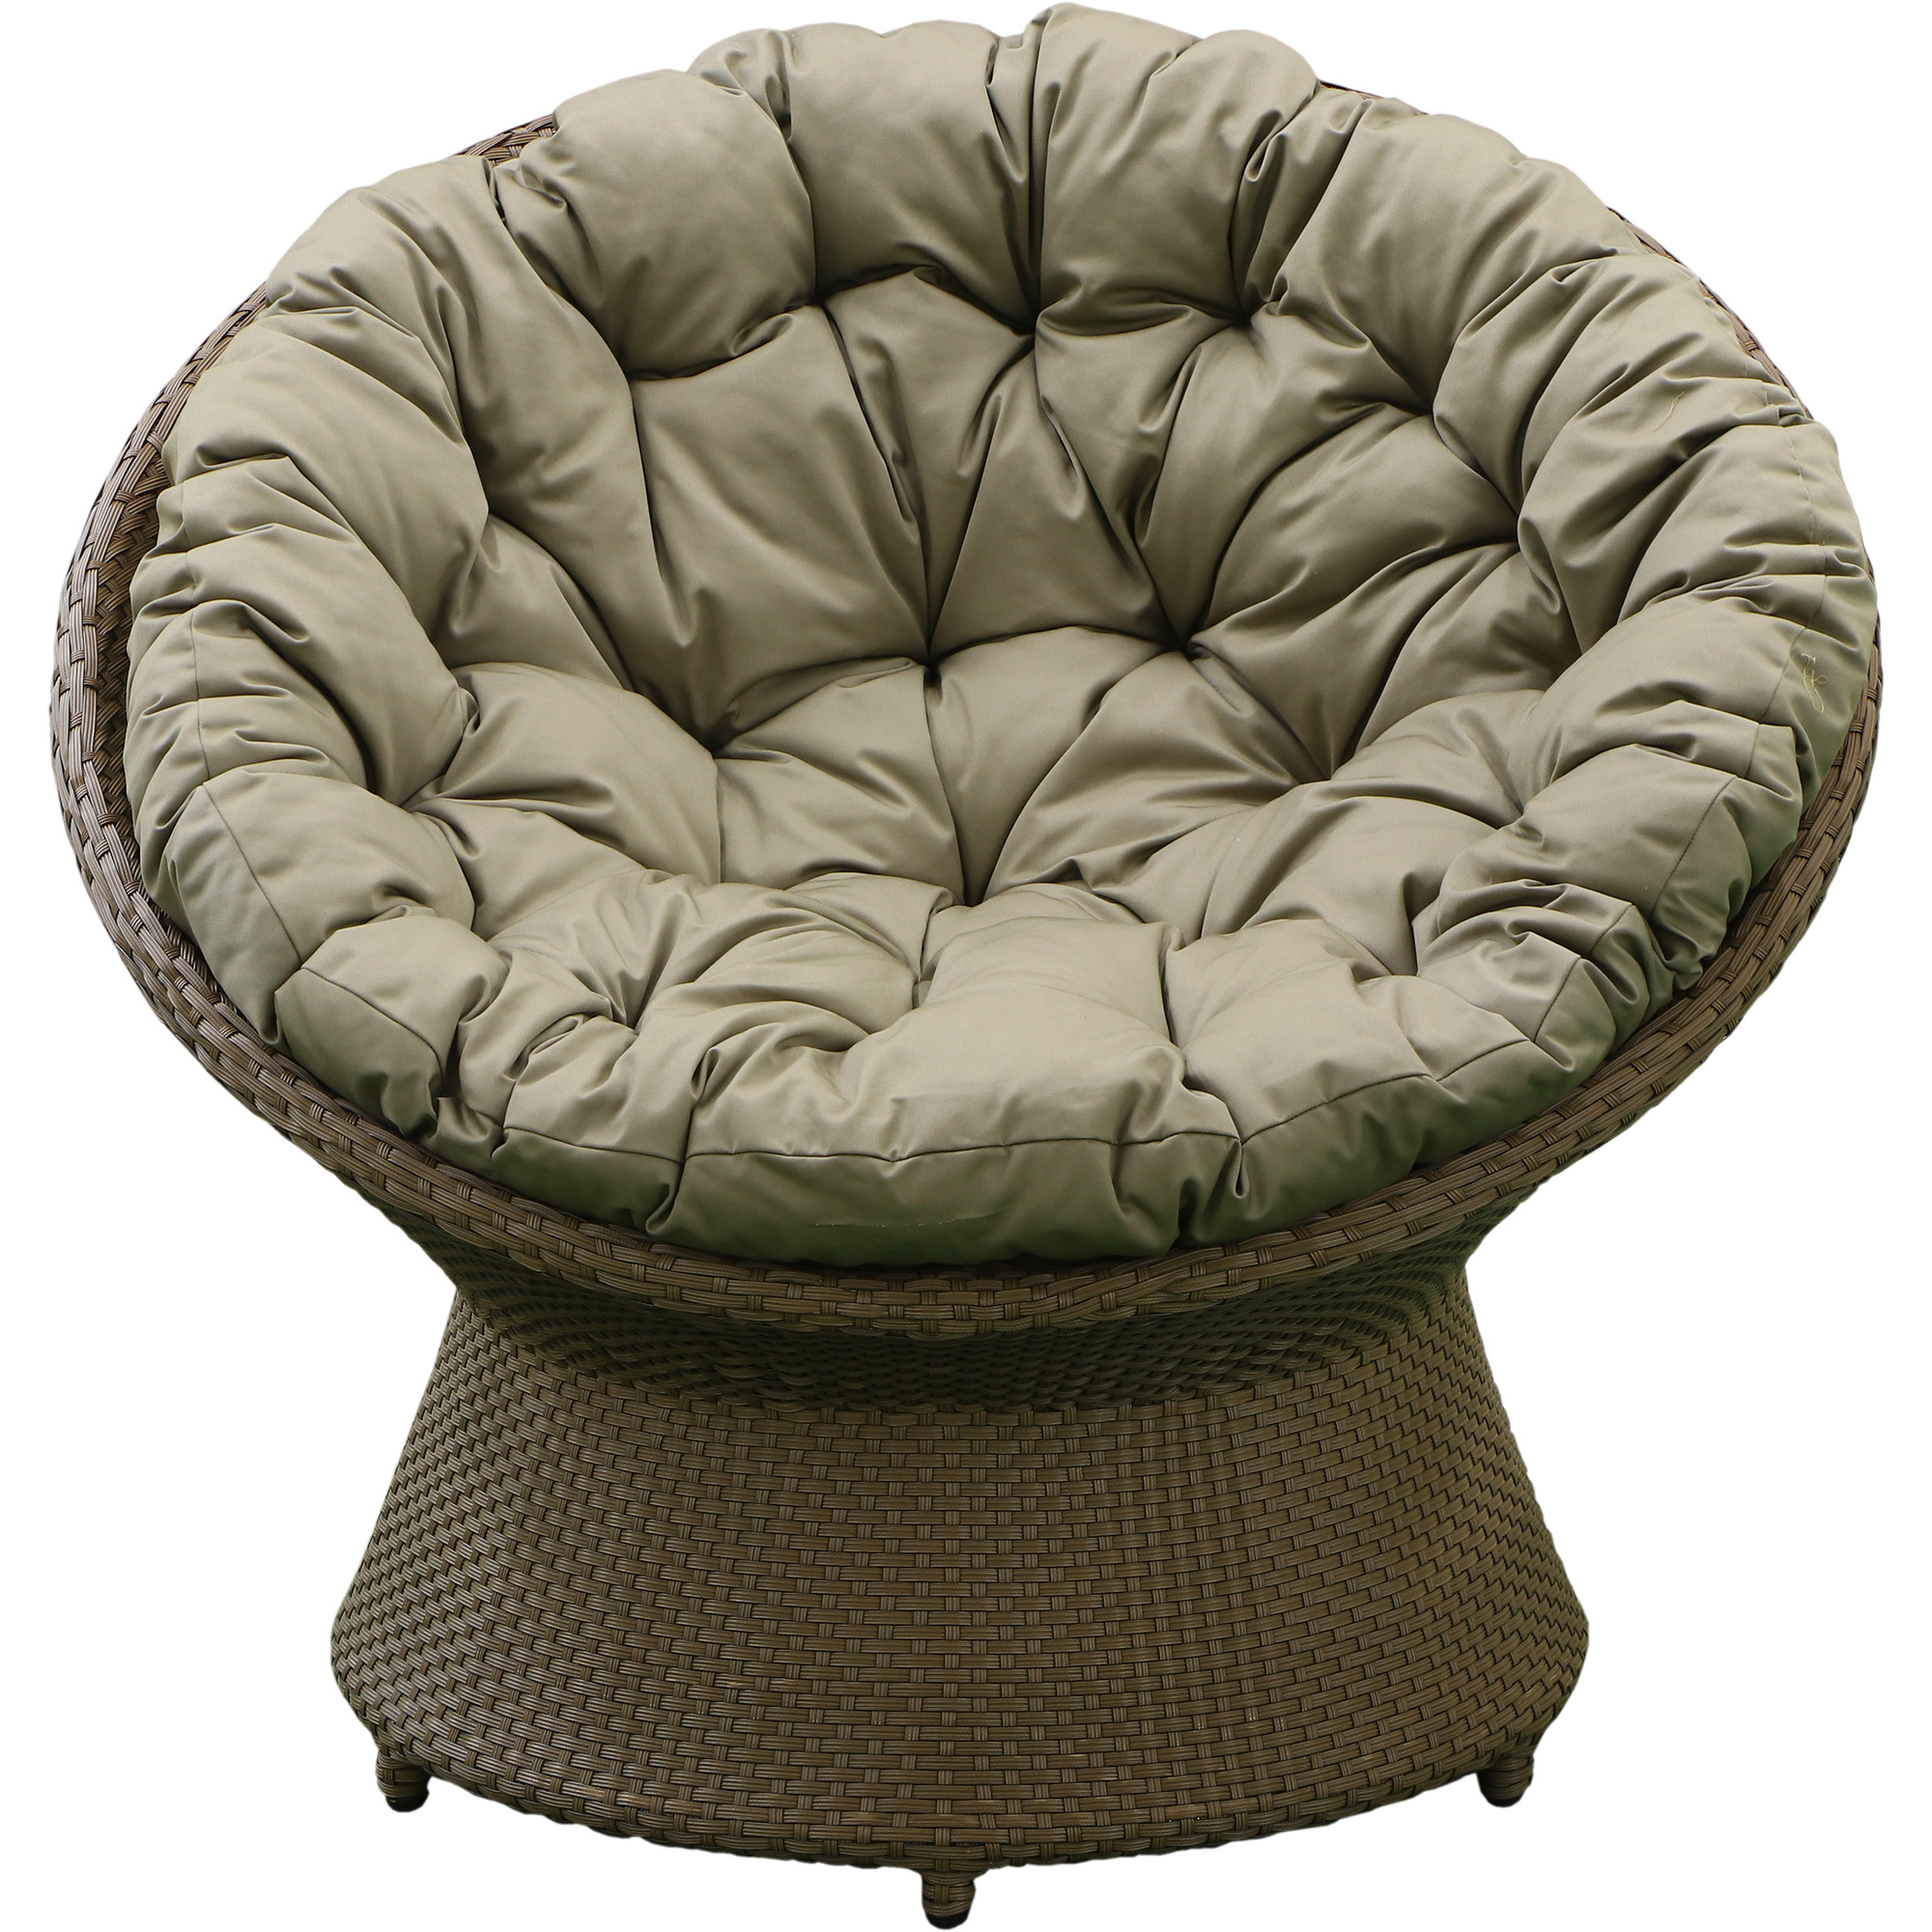 Фото - Кресло круглое Mavi rattan рубашка mavi 021235 620